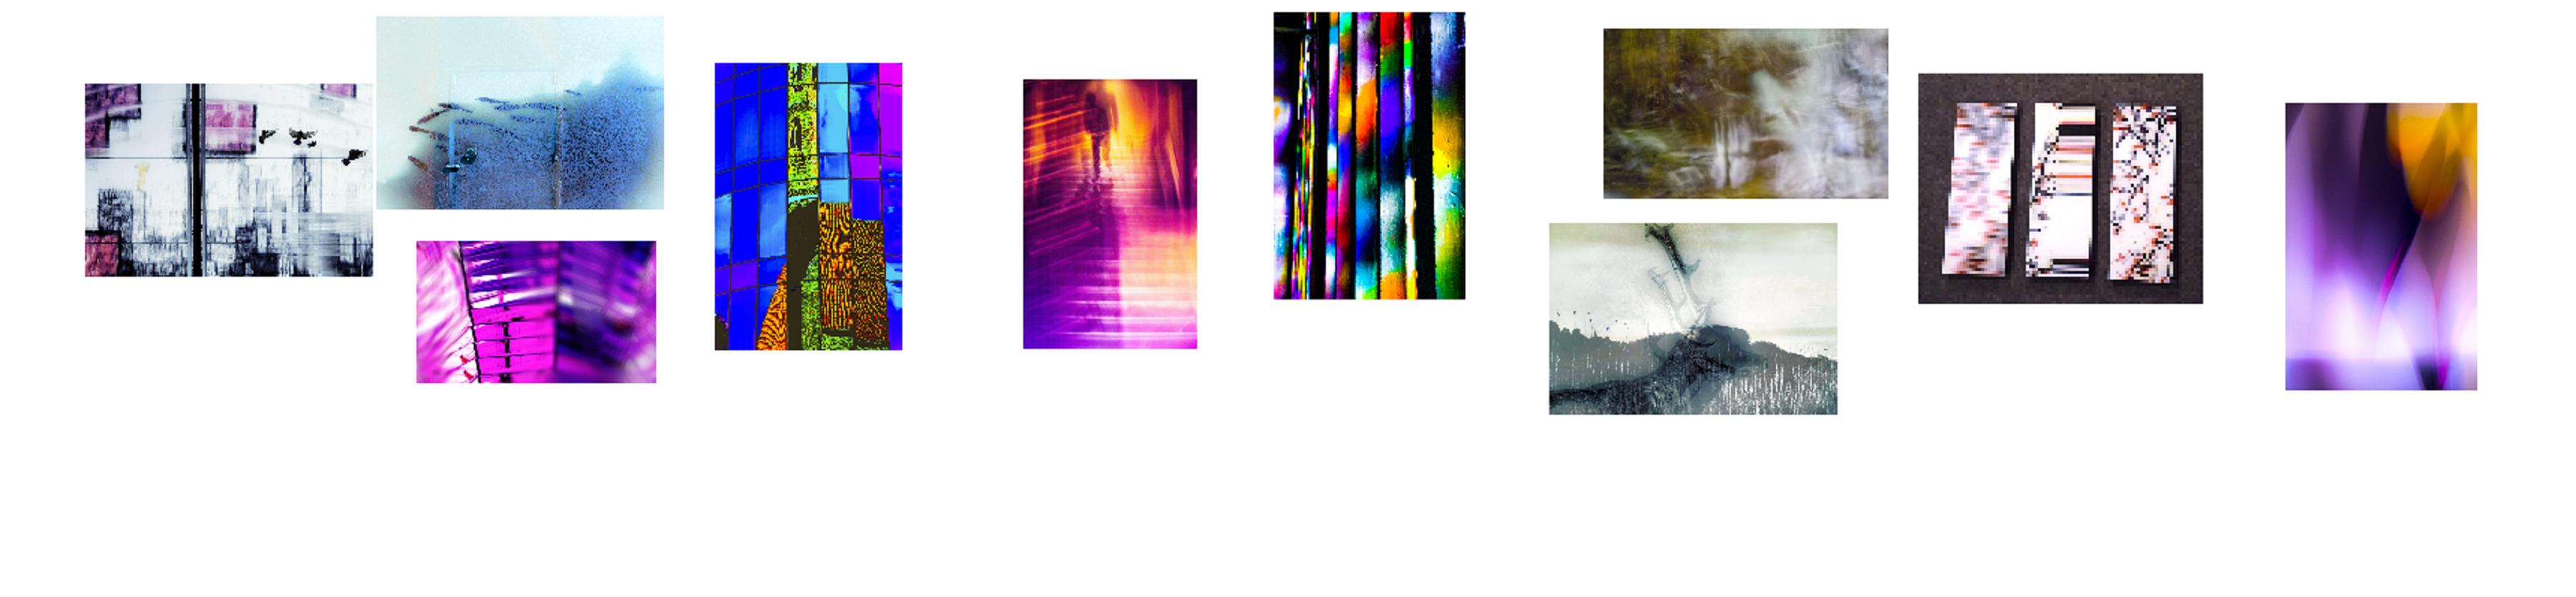 Galerie Ahlemann zeigt eine Auswahl von 10 verschiedenen Werken der Galeriekünstler/ -künstlerinnen Petra Jaenicke, Claudia Maria Weiser, Ralf Lindenau und Nicki Garz